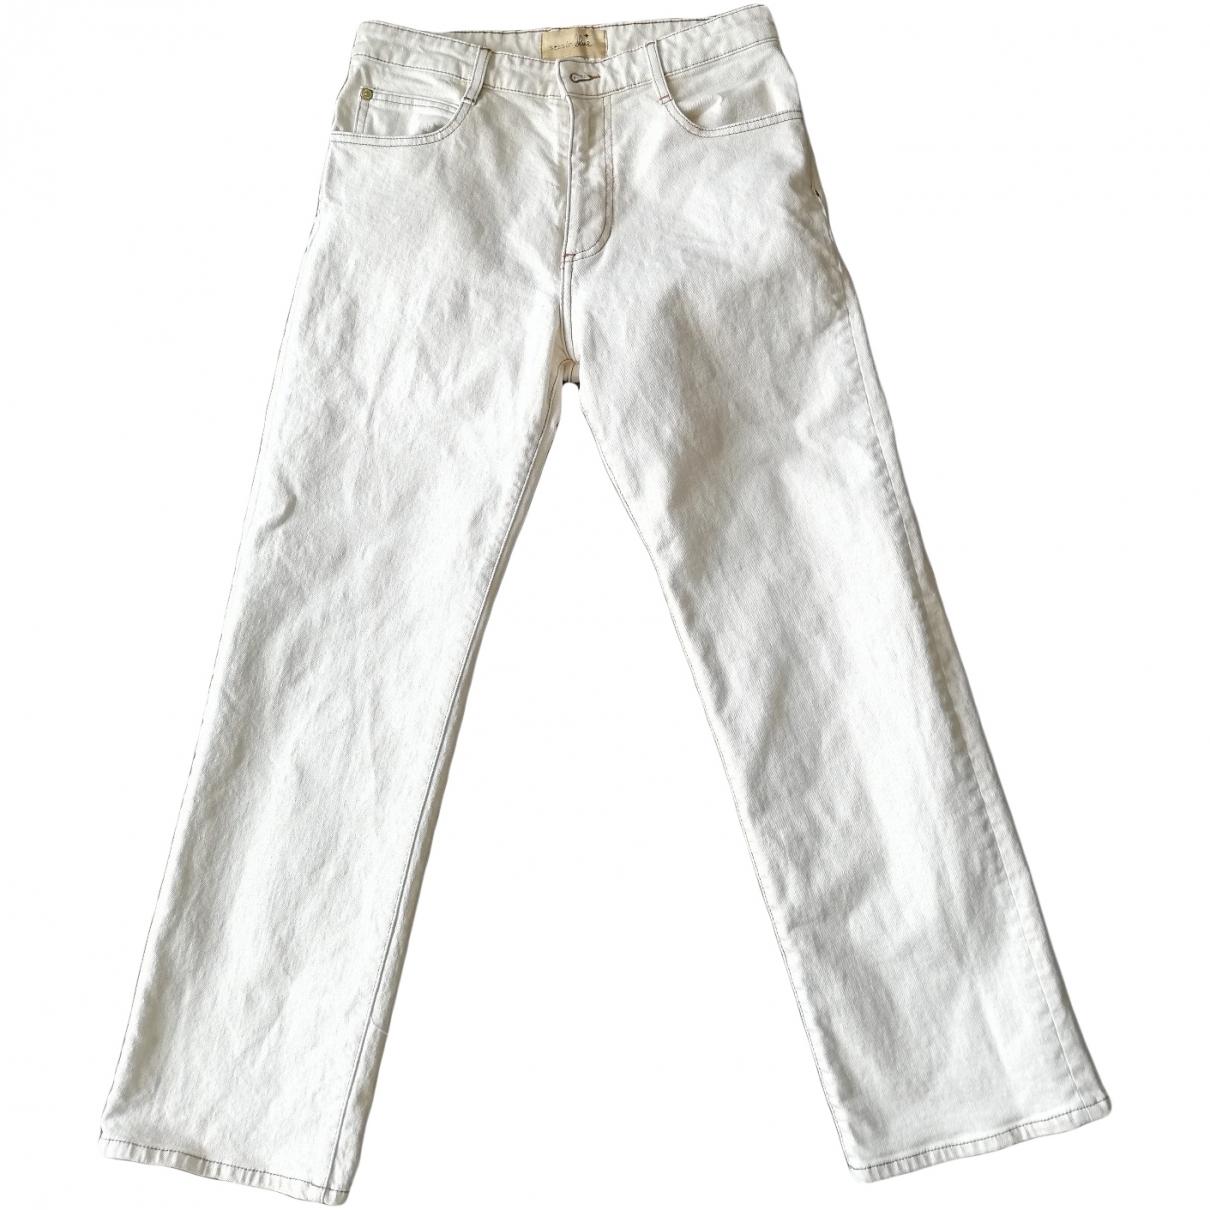 Sessun \N Beige Cotton - elasthane Jeans for Women 38 FR